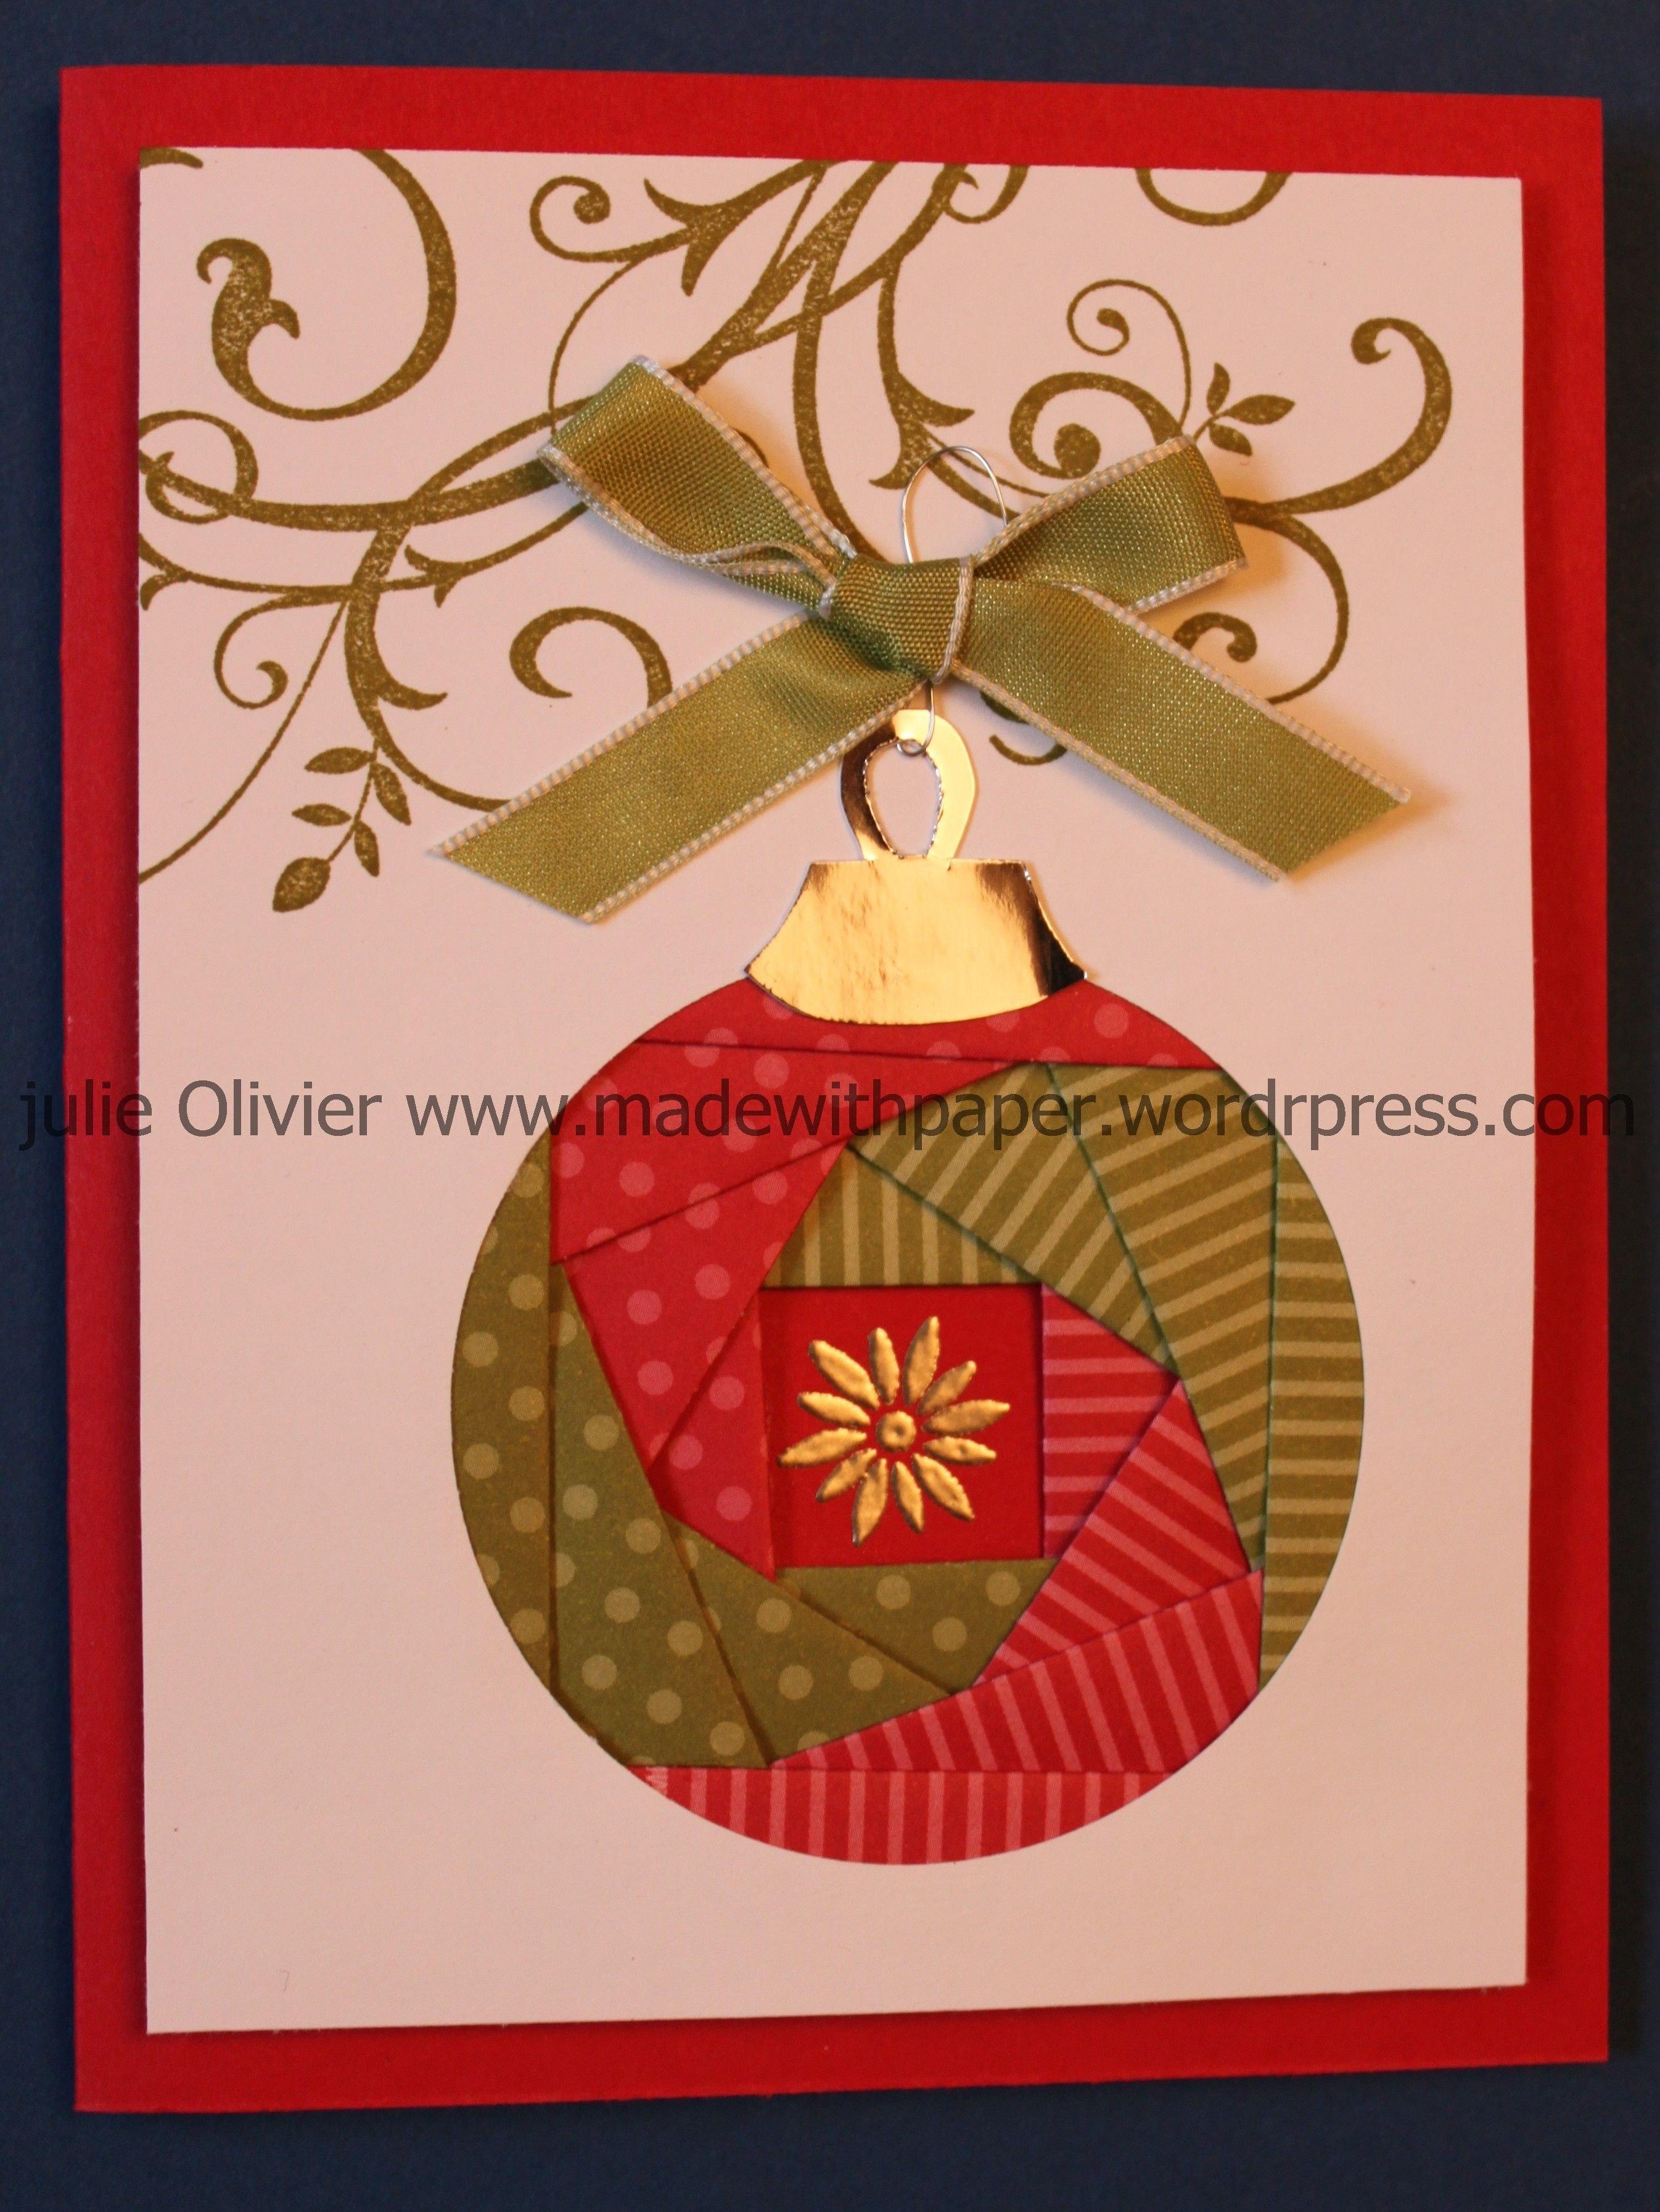 Iris Folding Christmas Ornament  Cards  Iris Folding  Iris Inside Iris Folding Christmas Cards Templates